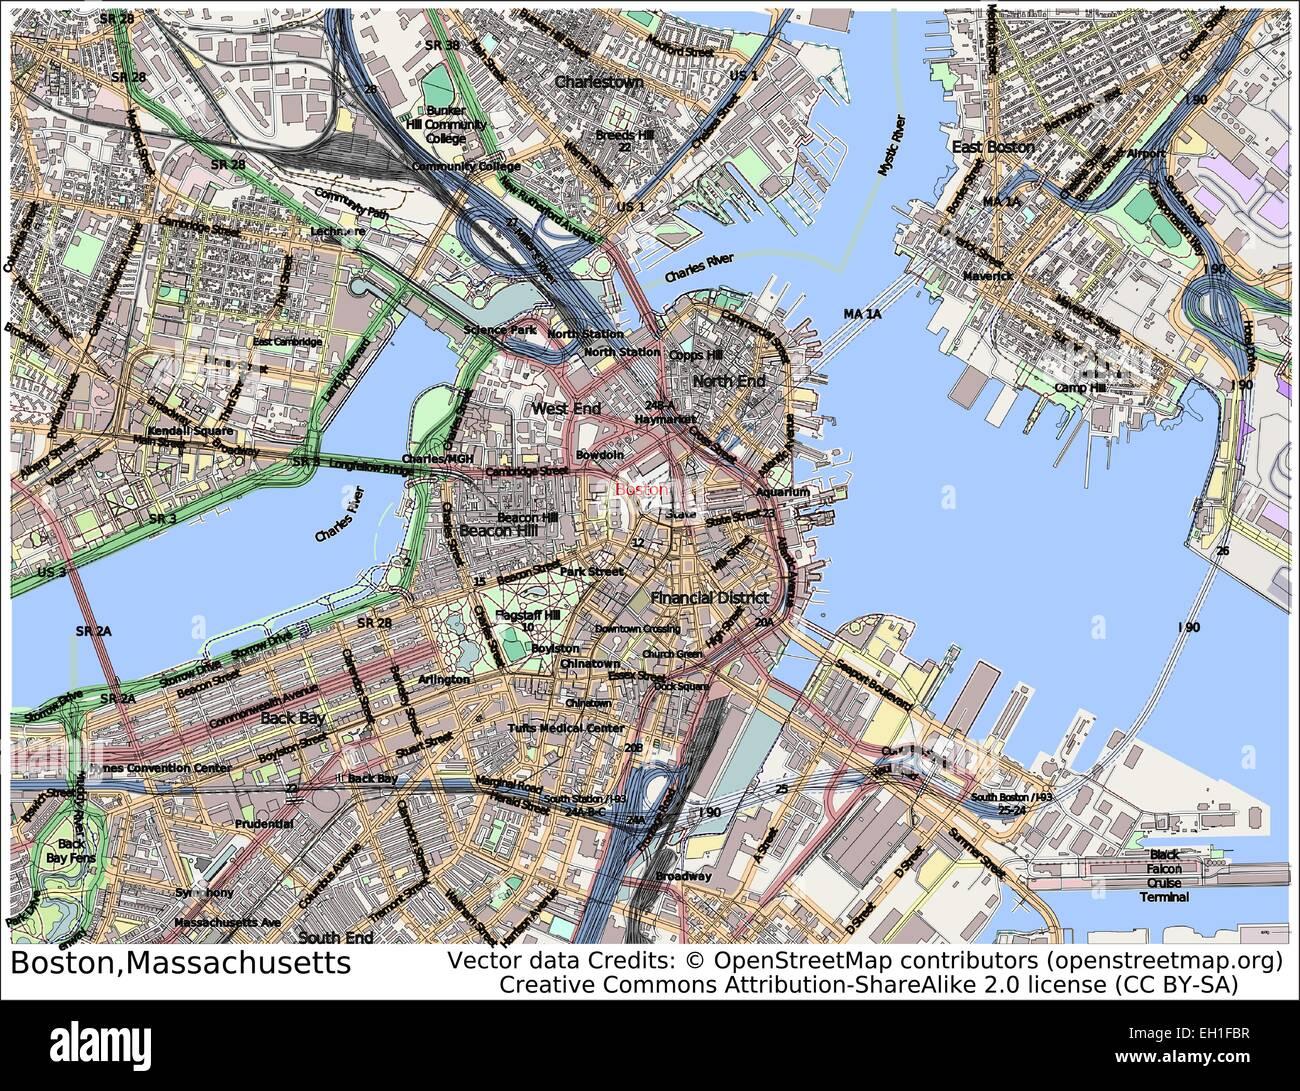 Boston Massachusetts USA city map Stock Vector Art & Illustration ...